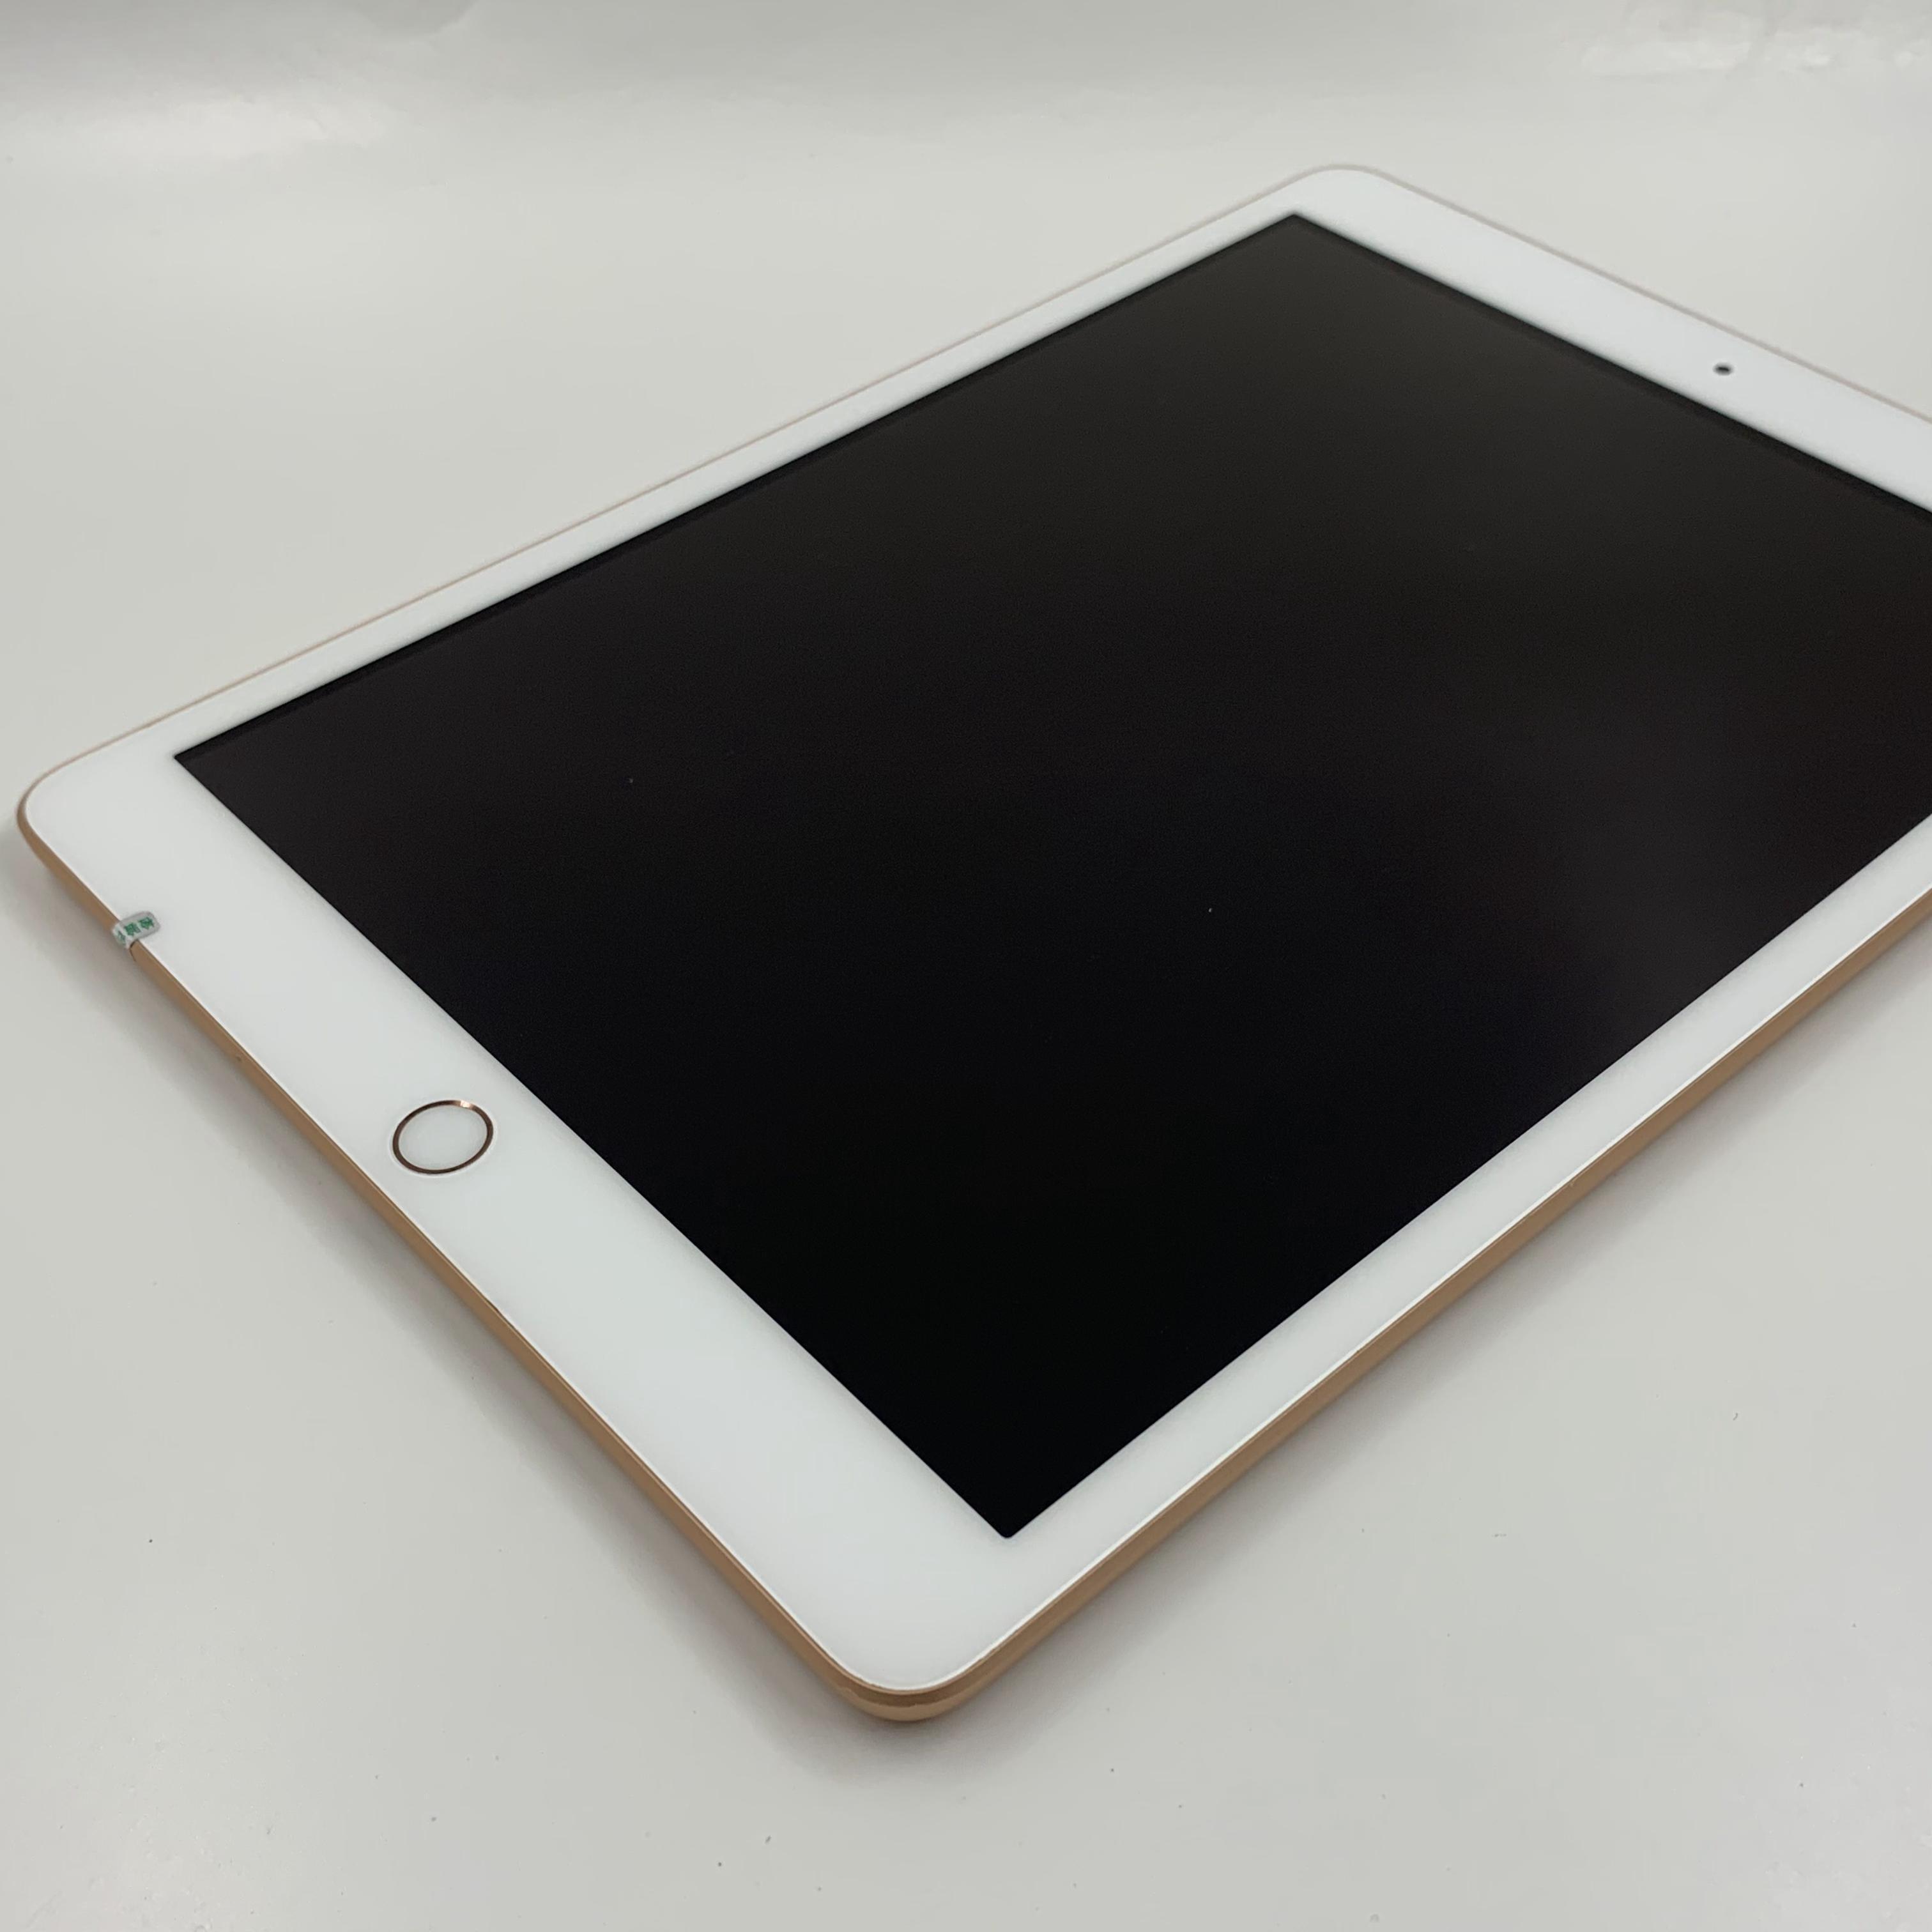 苹果【iPad 2019款10.2英寸】WIFI版 金色 32G 国行 9成新 真机实拍